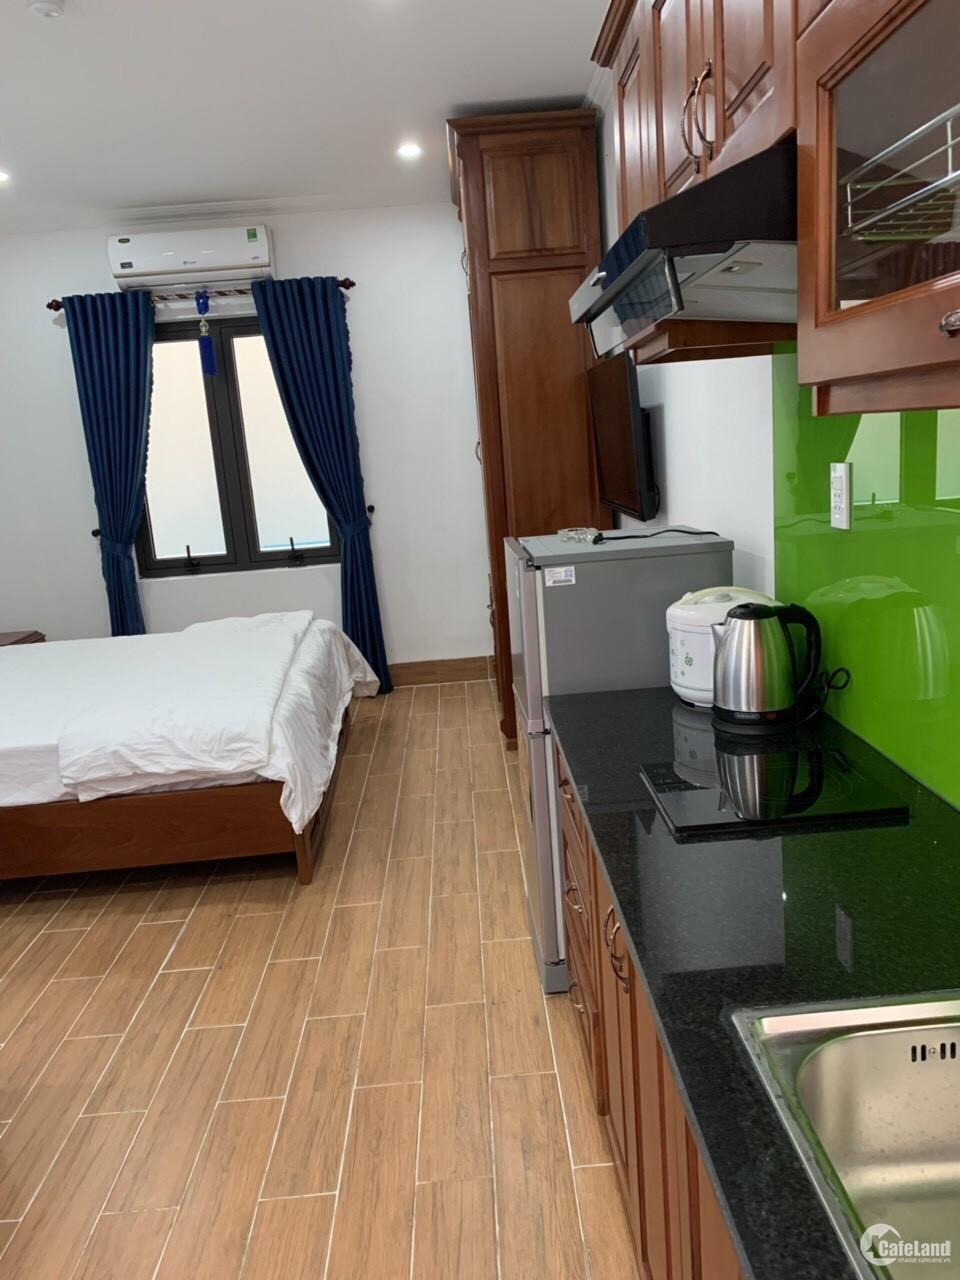 Cho thuê căn hộ mini,full nội thất TP đà nẵng, 5Triệu/1 tháng,giá cạnh tranh